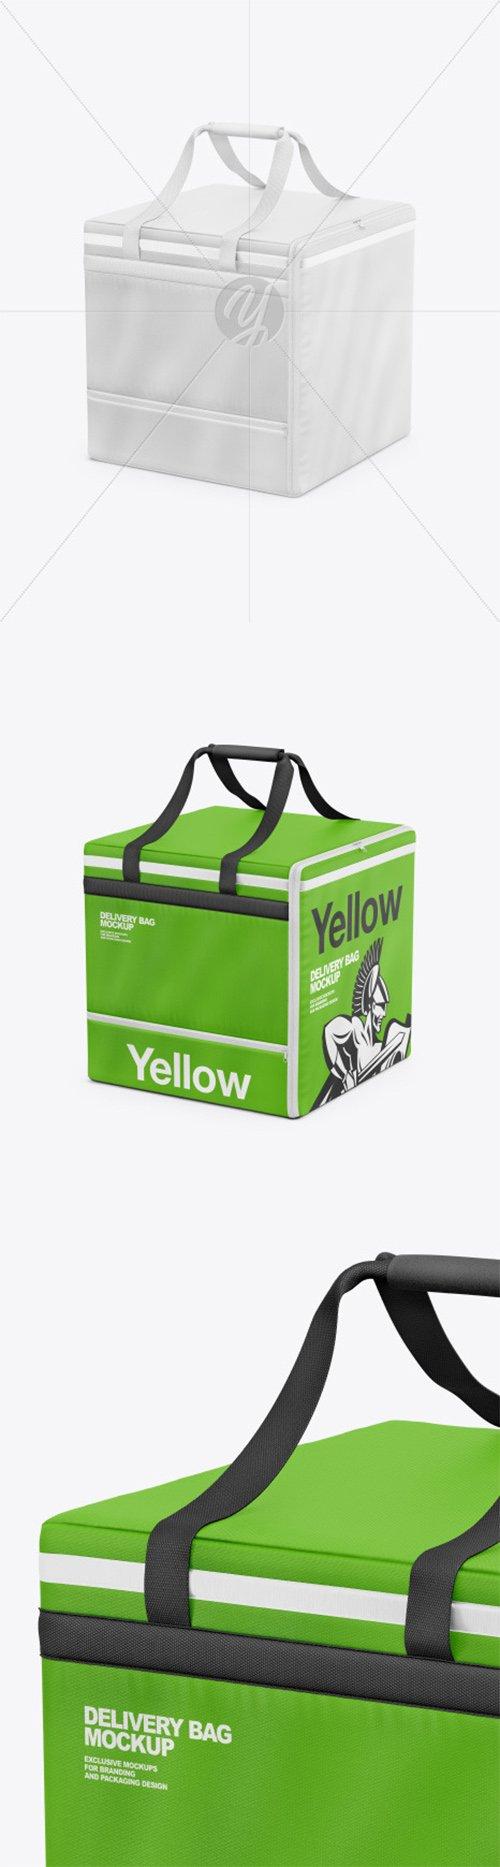 Polyester Delivery Bag Mockup 66538 TIF